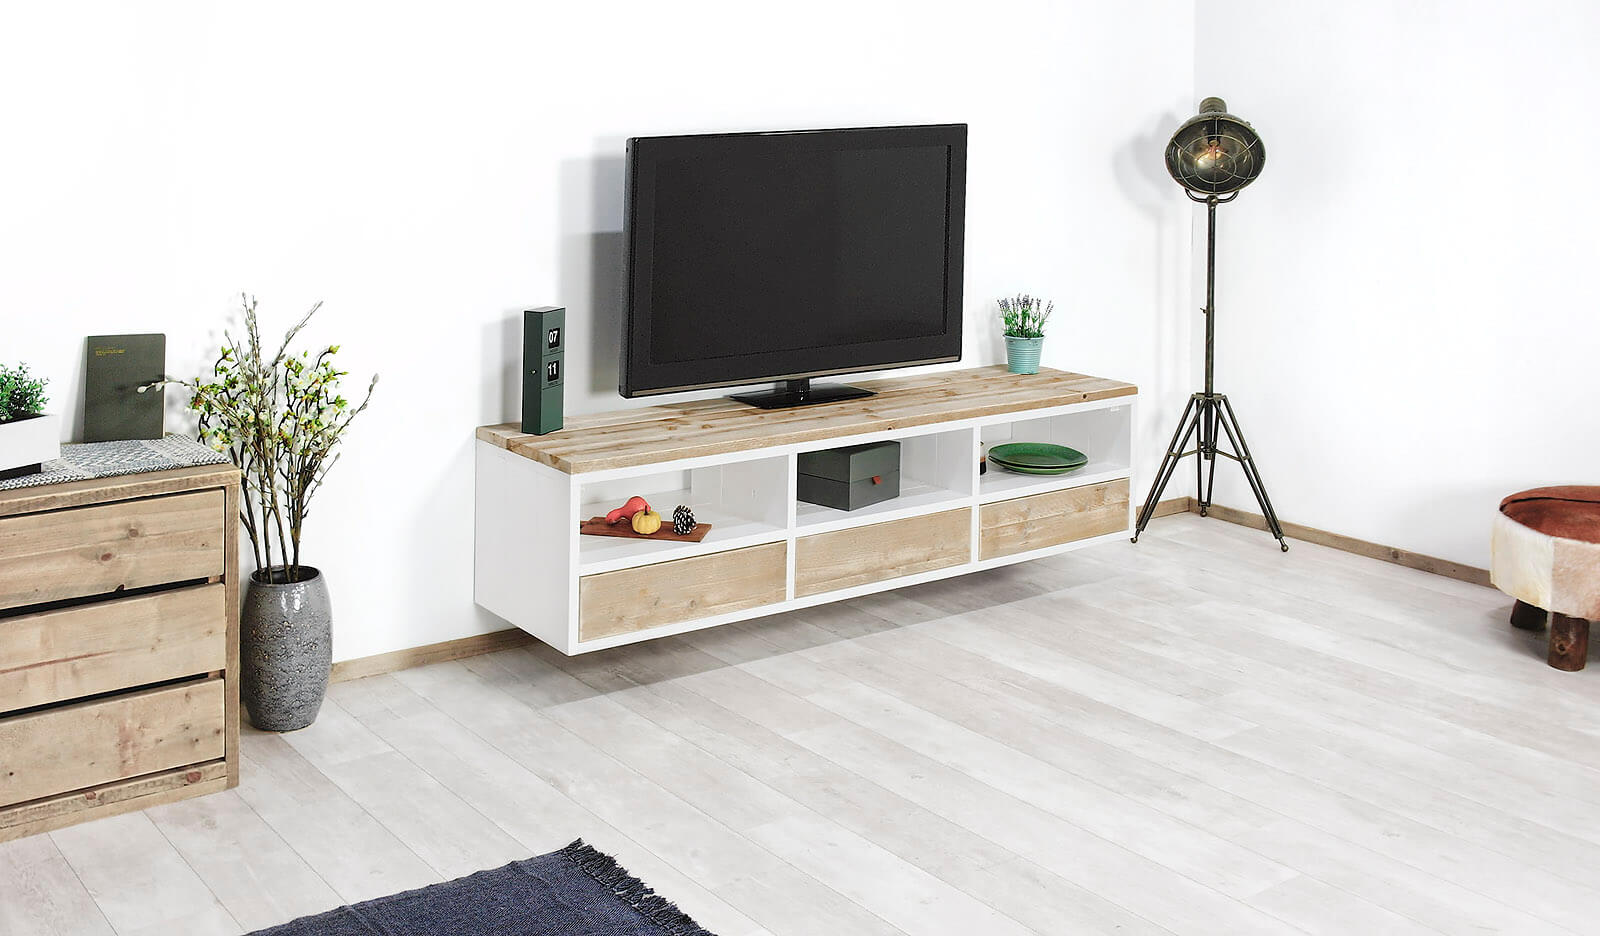 Tv Meubel Op Maat.Steigerhouten Hangend Tv Meubel Edon In Landelijke Stijl 20